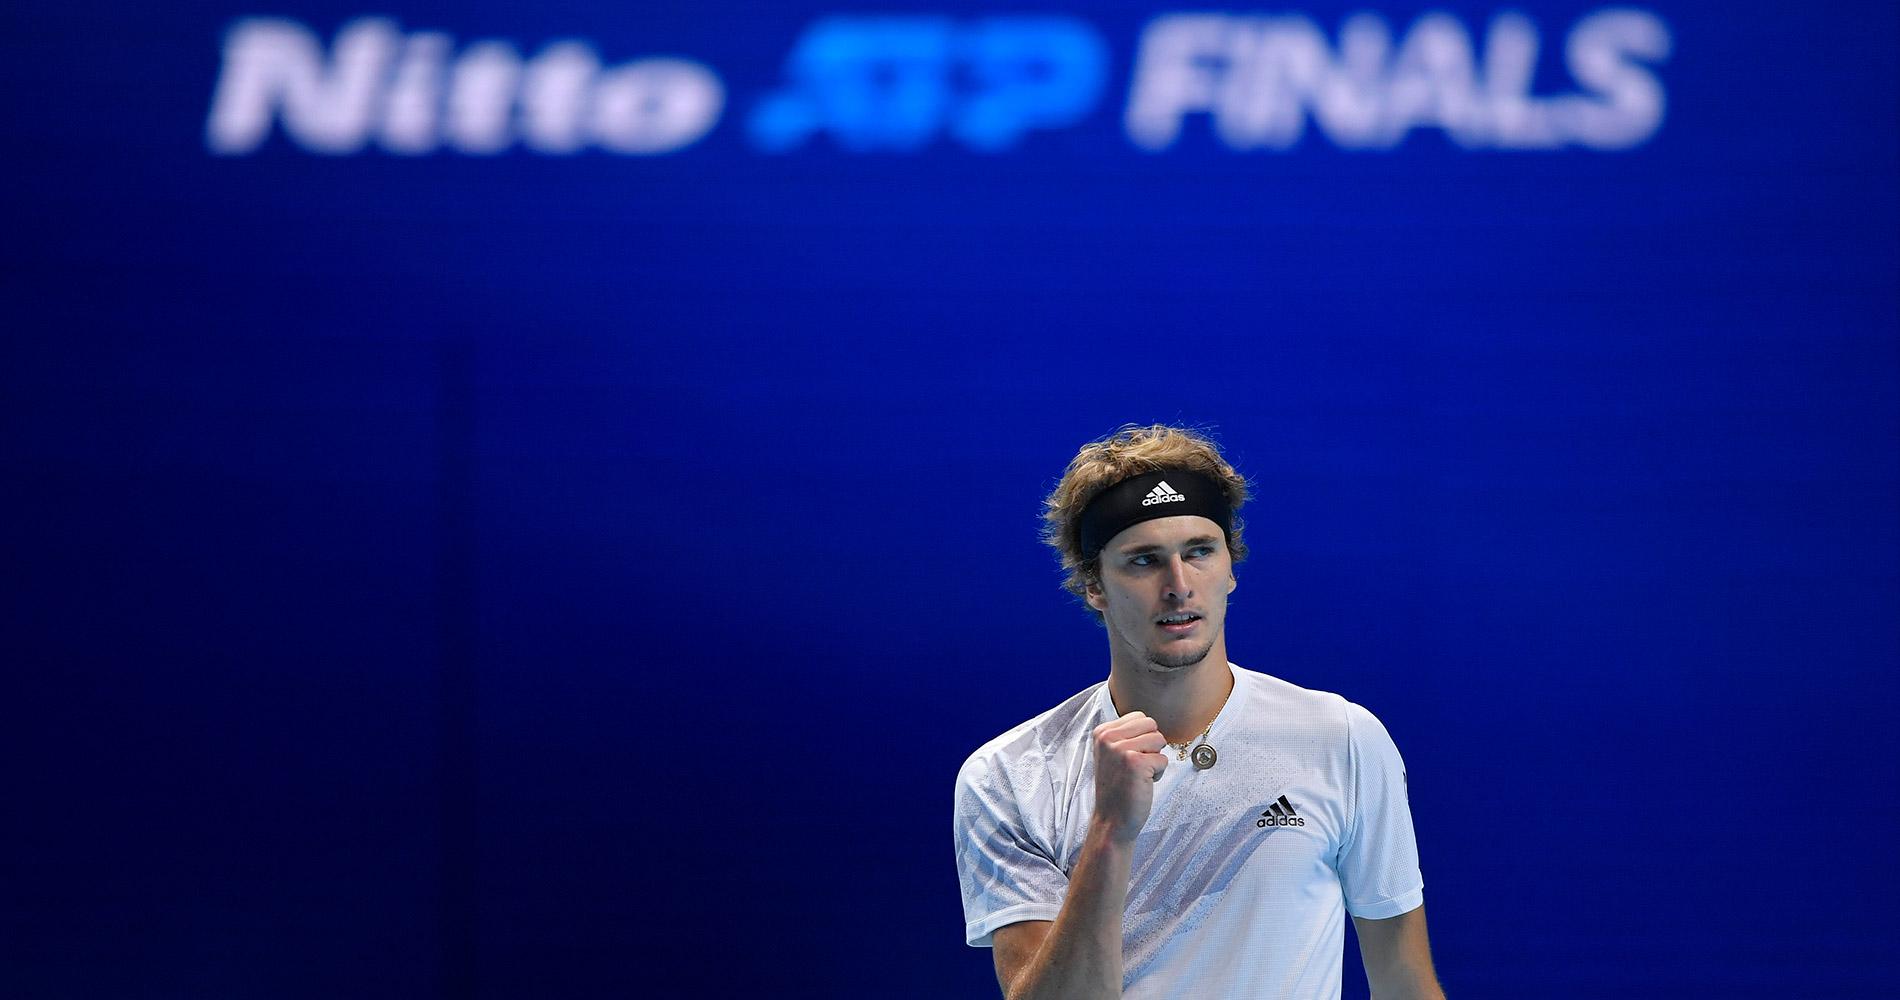 Zverev ATP Finals Schwartzman